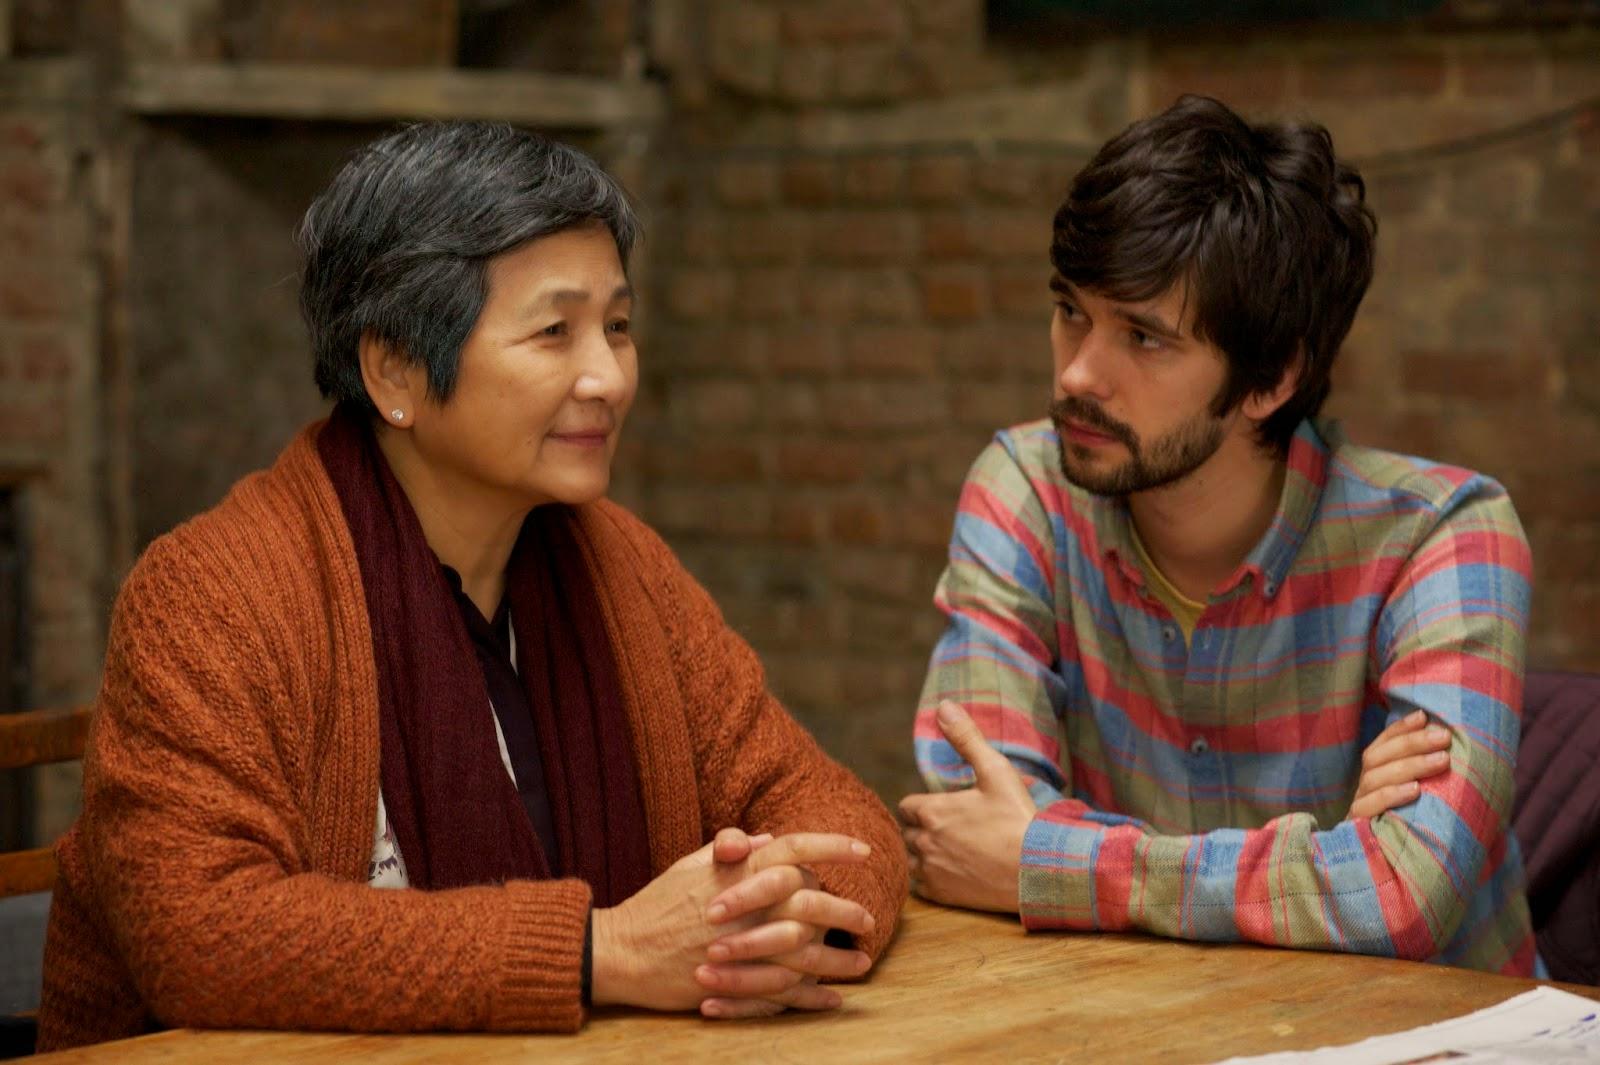 Pei-pei Cheng & Ben Whirshaw